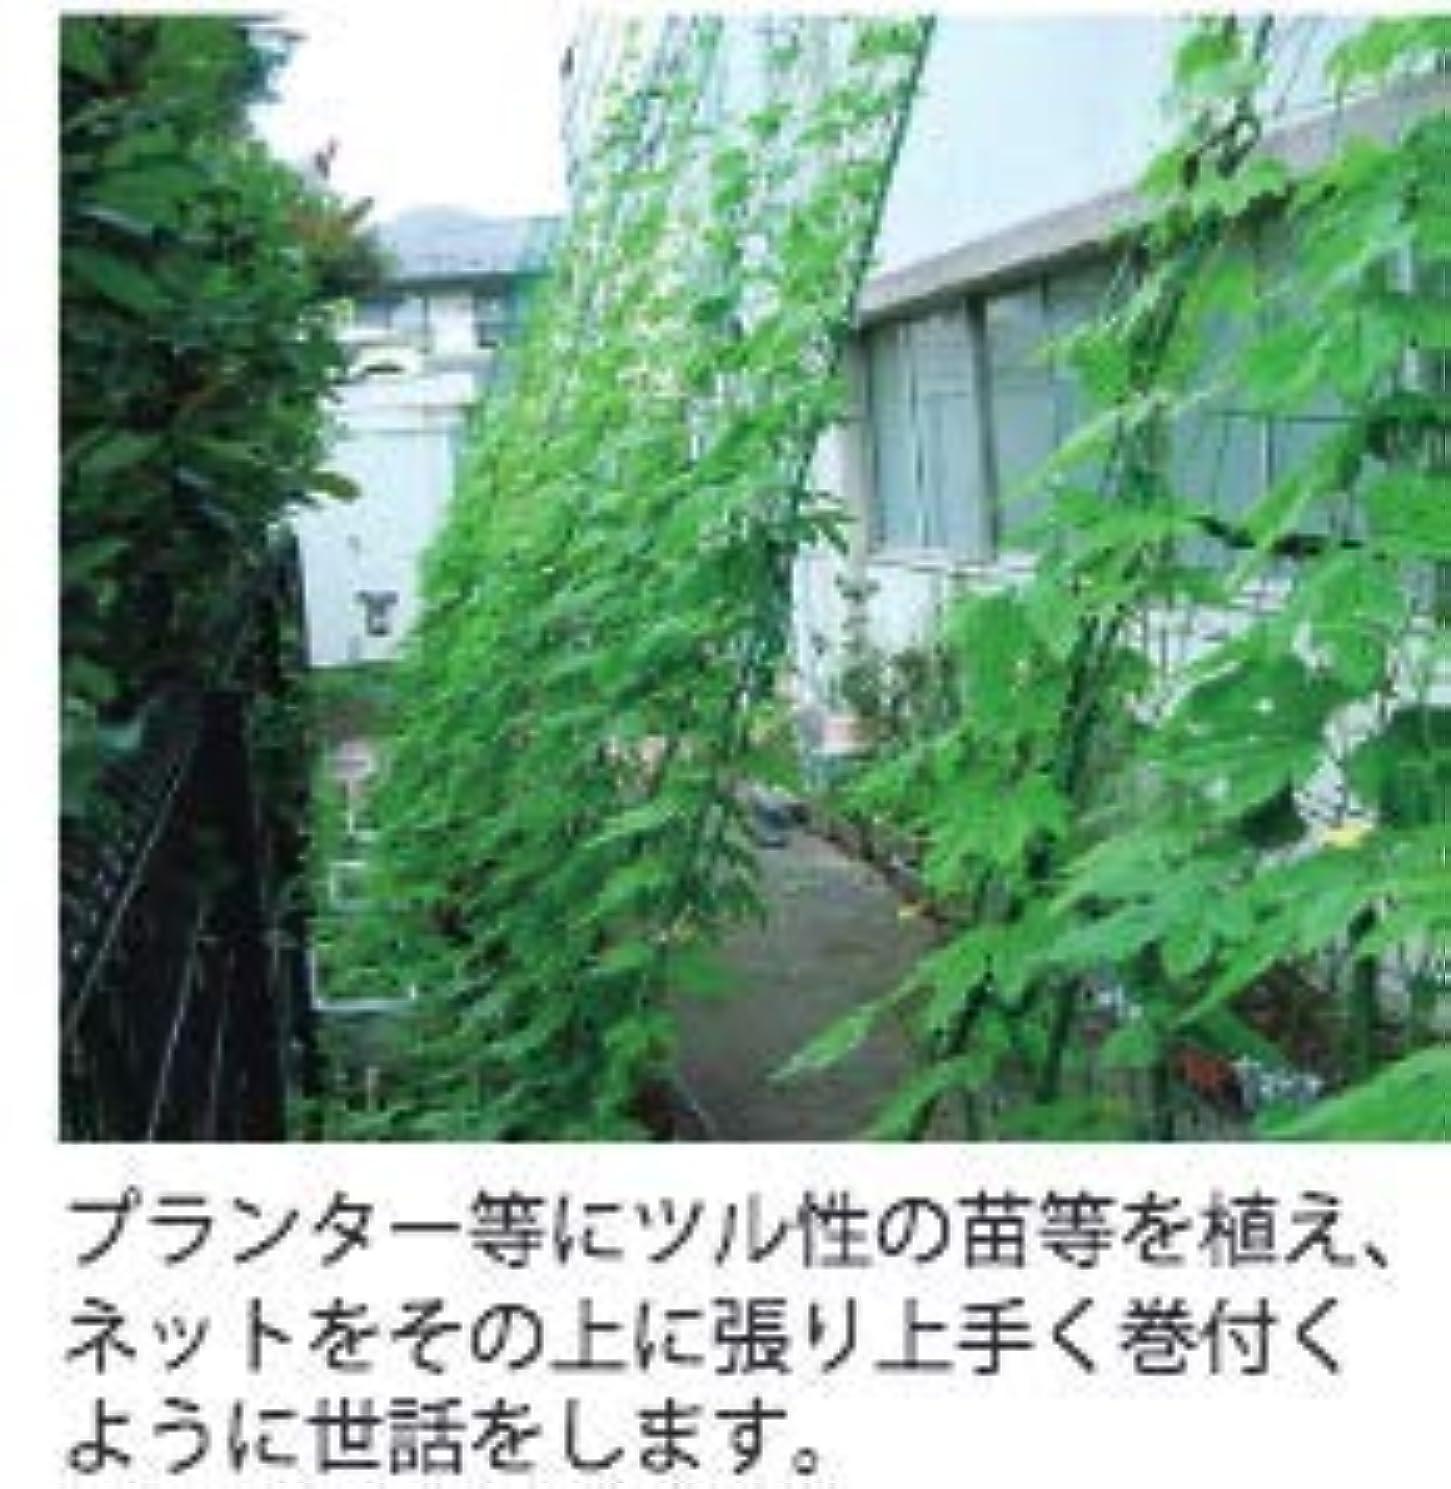 絶滅した金属叱る壁面緑化ネット 丈夫長持ち上質 1.8×5.4m 色 グリーン 日除け グリーンカーテン 数年使える 日本製 特注も承ります 保育学校用品